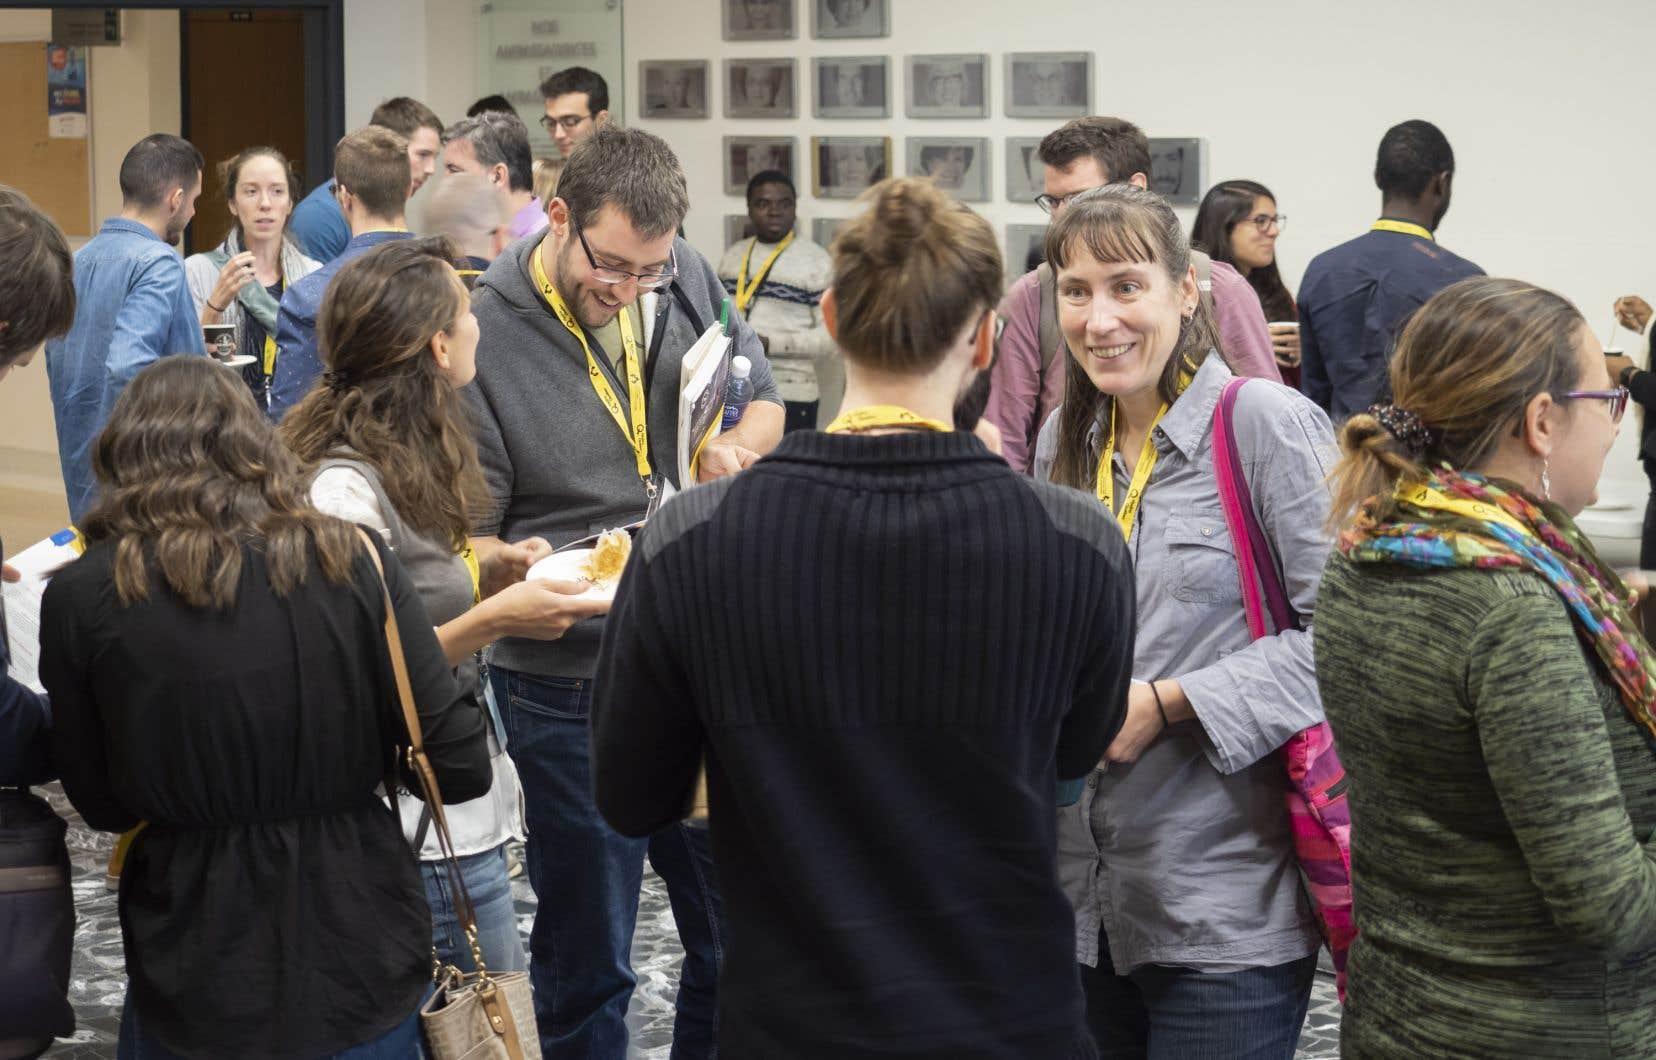 Maintenir l'intérêt des jeunes pour la recherche est l'un des objectifs des congrès qu'organise l'Acfas.